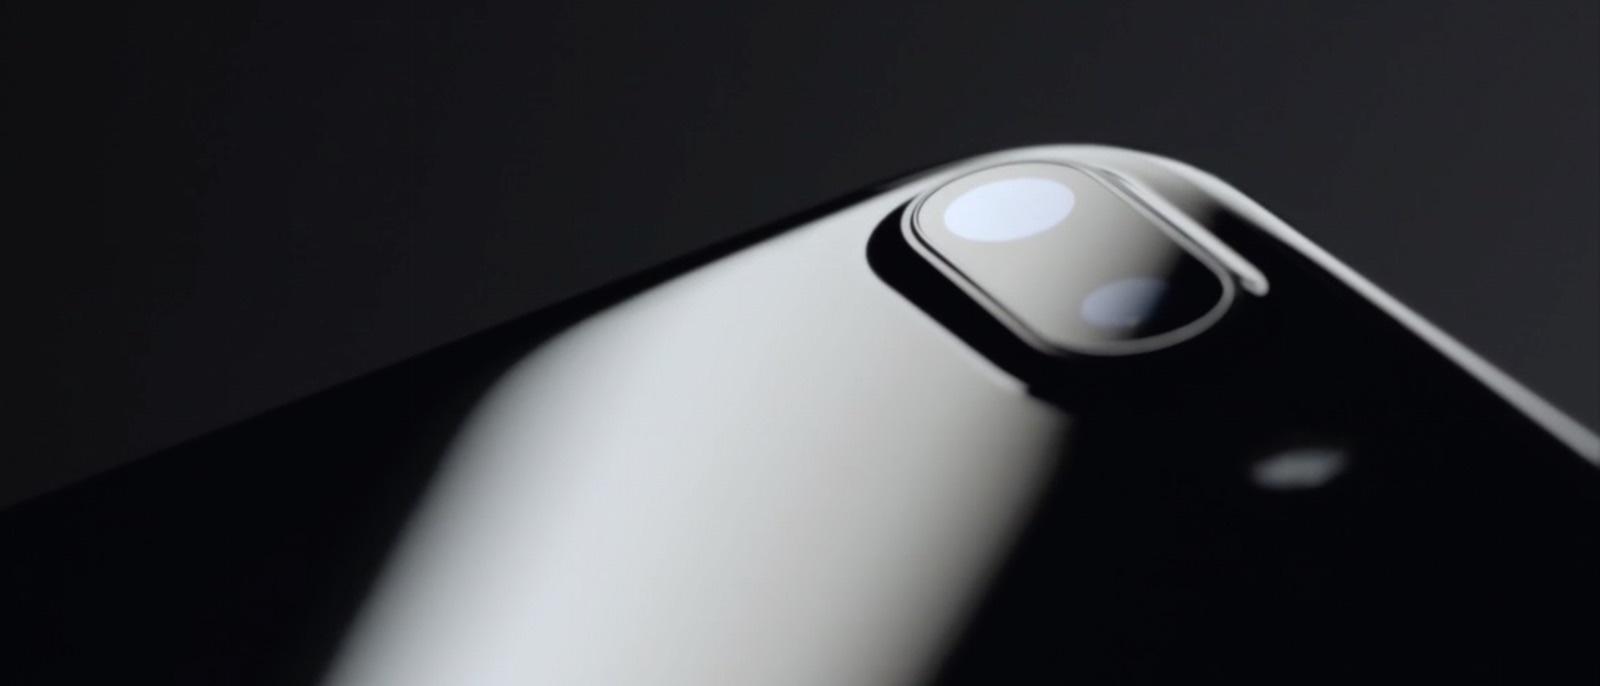 iPhone 7 Plus デュアルカメラ